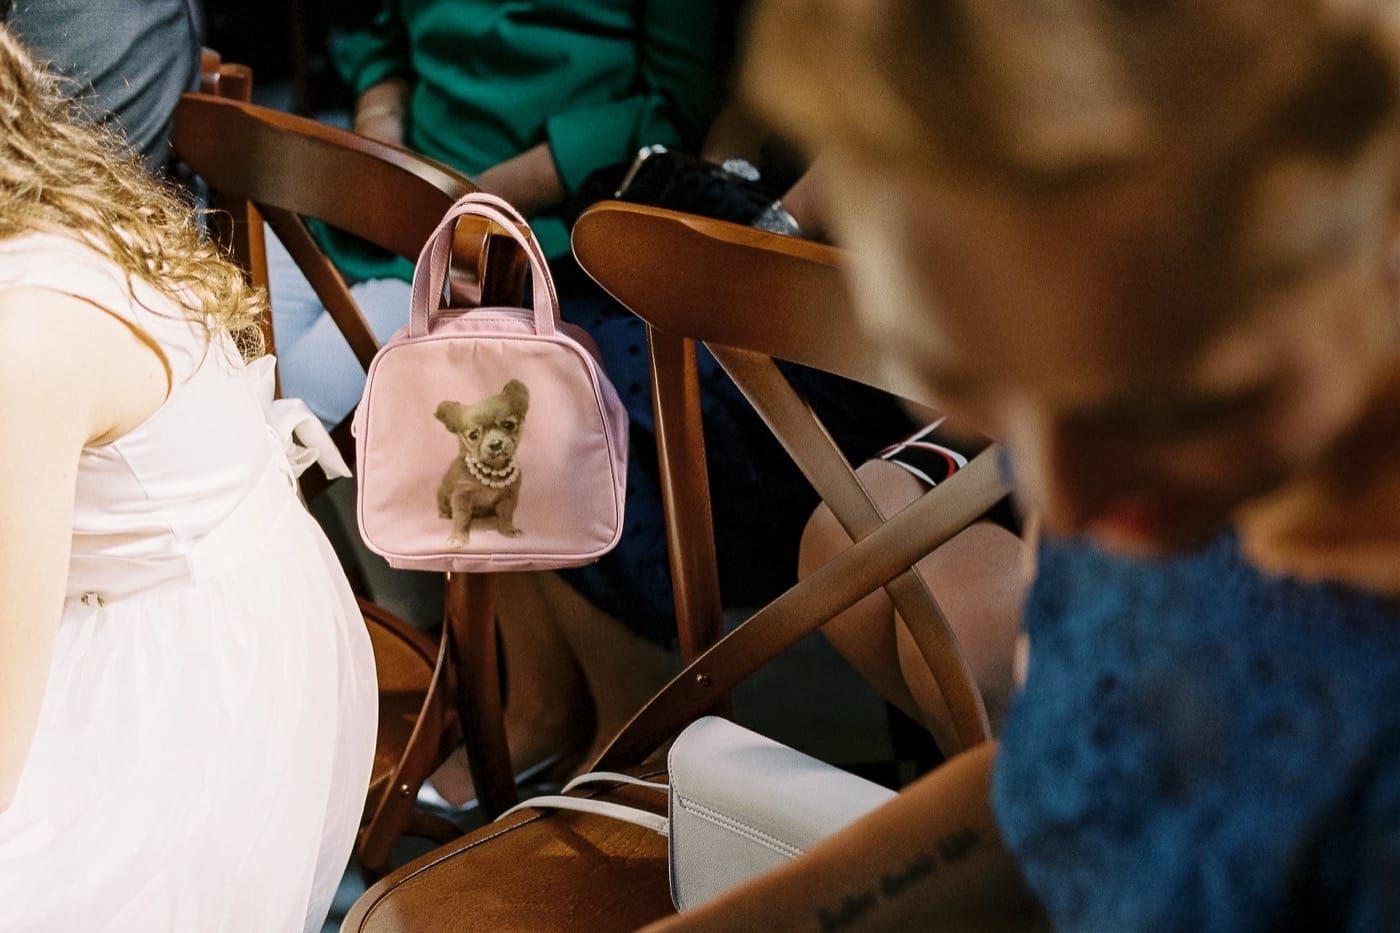 maciej sobol fotograf slubny krakow fotografia slubna na kliszy analogowe zdjecia slubne Maciej Sobol Brzesko Małopolska Kraków fotograf 11 1400x933 - Gosia & Kuba - Analogowo - [Pałac Goetz, Brzesko]